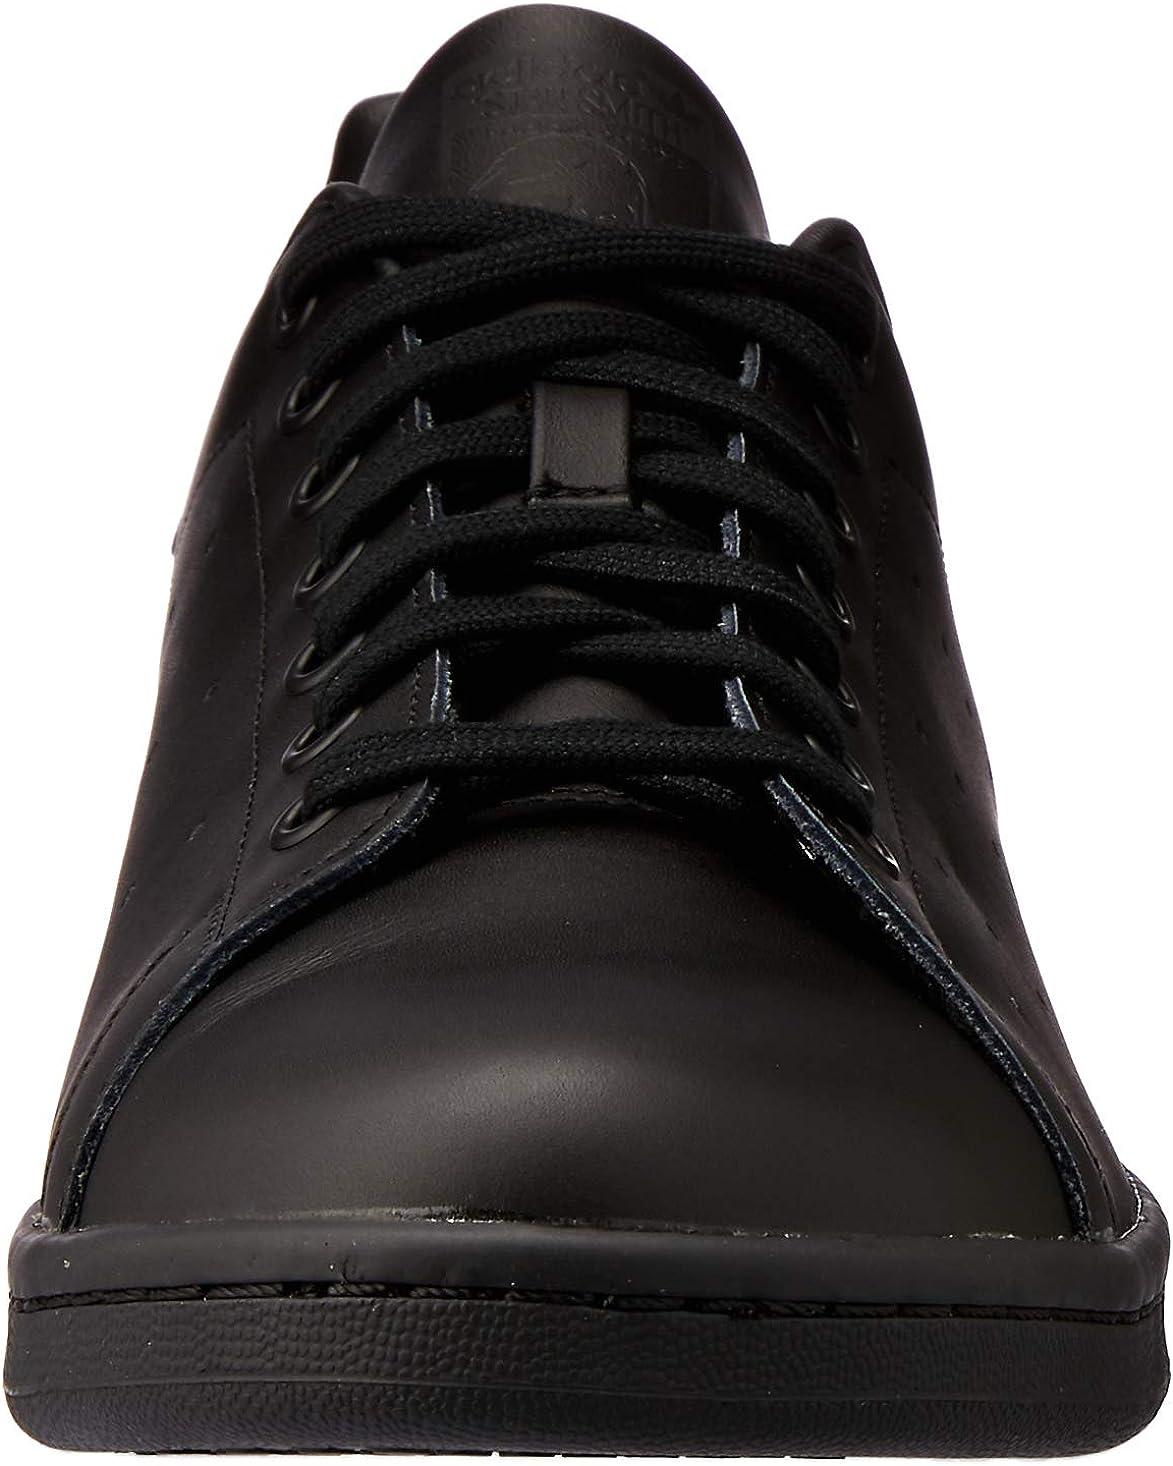 Adidas Originals Stan Smith - Baskets mode Mixte Adulte Core Black Core Black Core Black